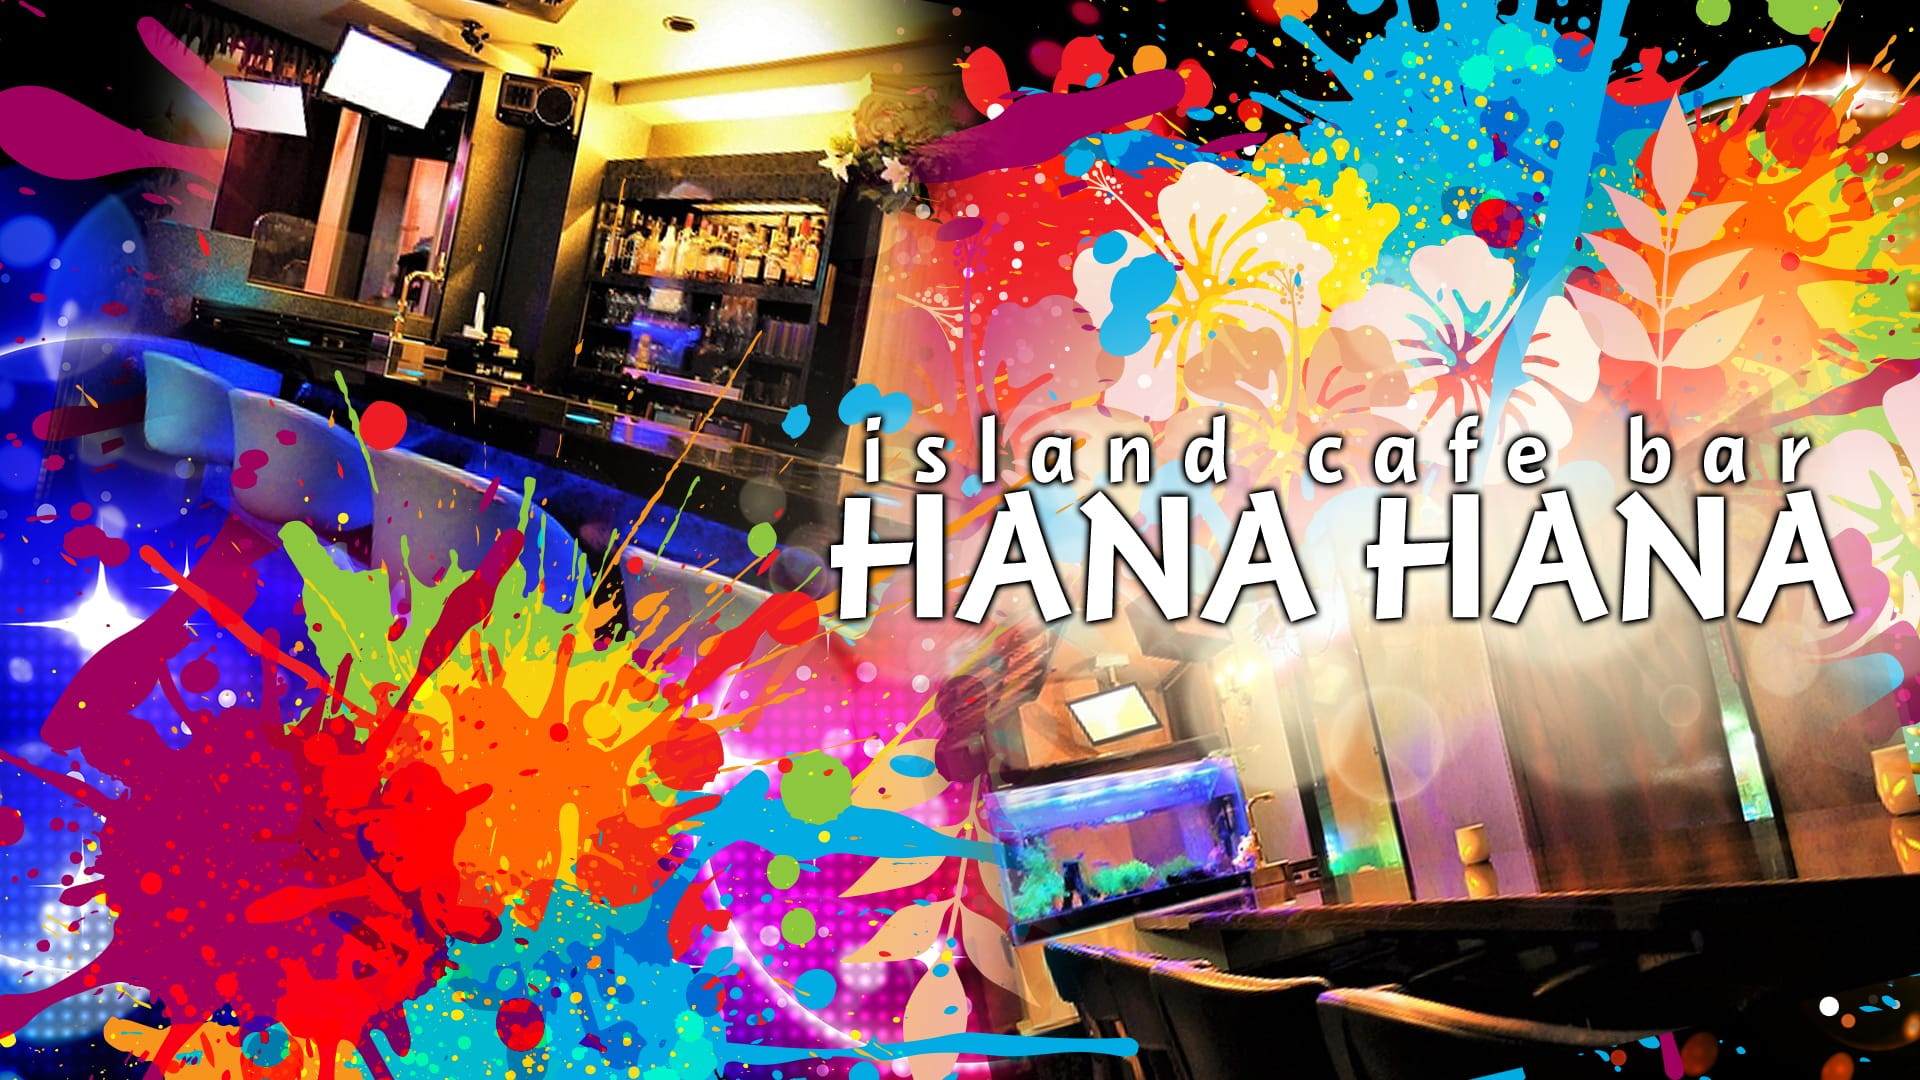 island cafe bar HANA HANA<ハナハナ> 西川口 ガールズバー TOP画像